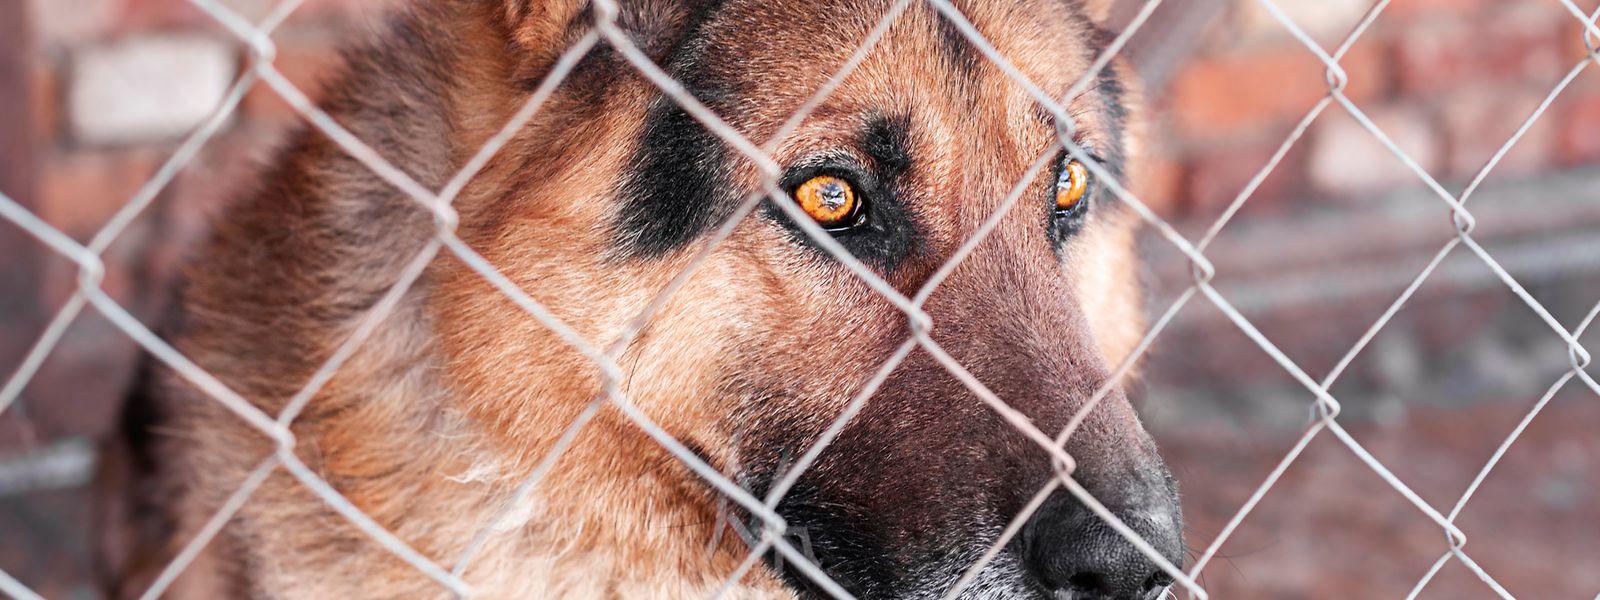 Am 21. Mai waren zwei Schäferhunde in Schifflingen aus einem eingezäunten Bereich entkommen. In der Folge kam es zu einem Hundeangriff, bei dem zwei Personen verletzt wurden.